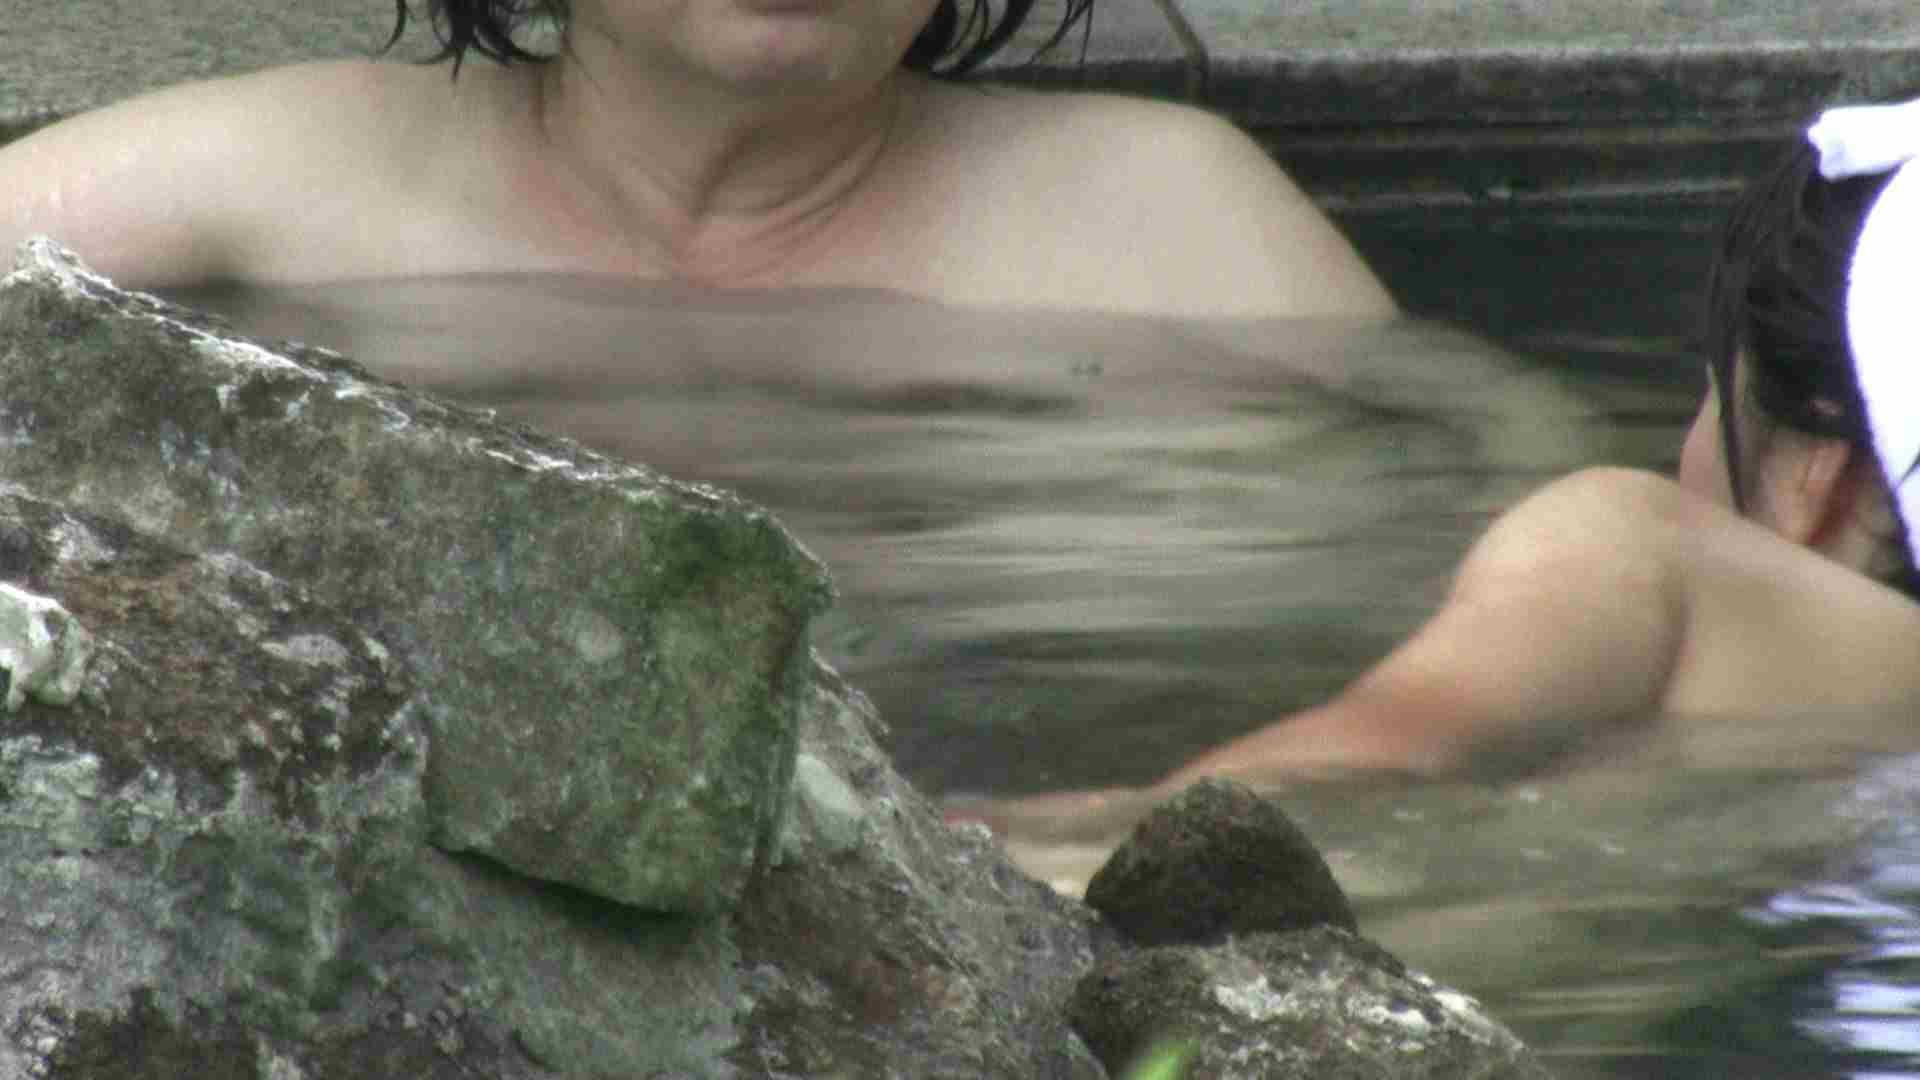 Aquaな露天風呂Vol.179 盗撮 オメコ動画キャプチャ 105連発 80